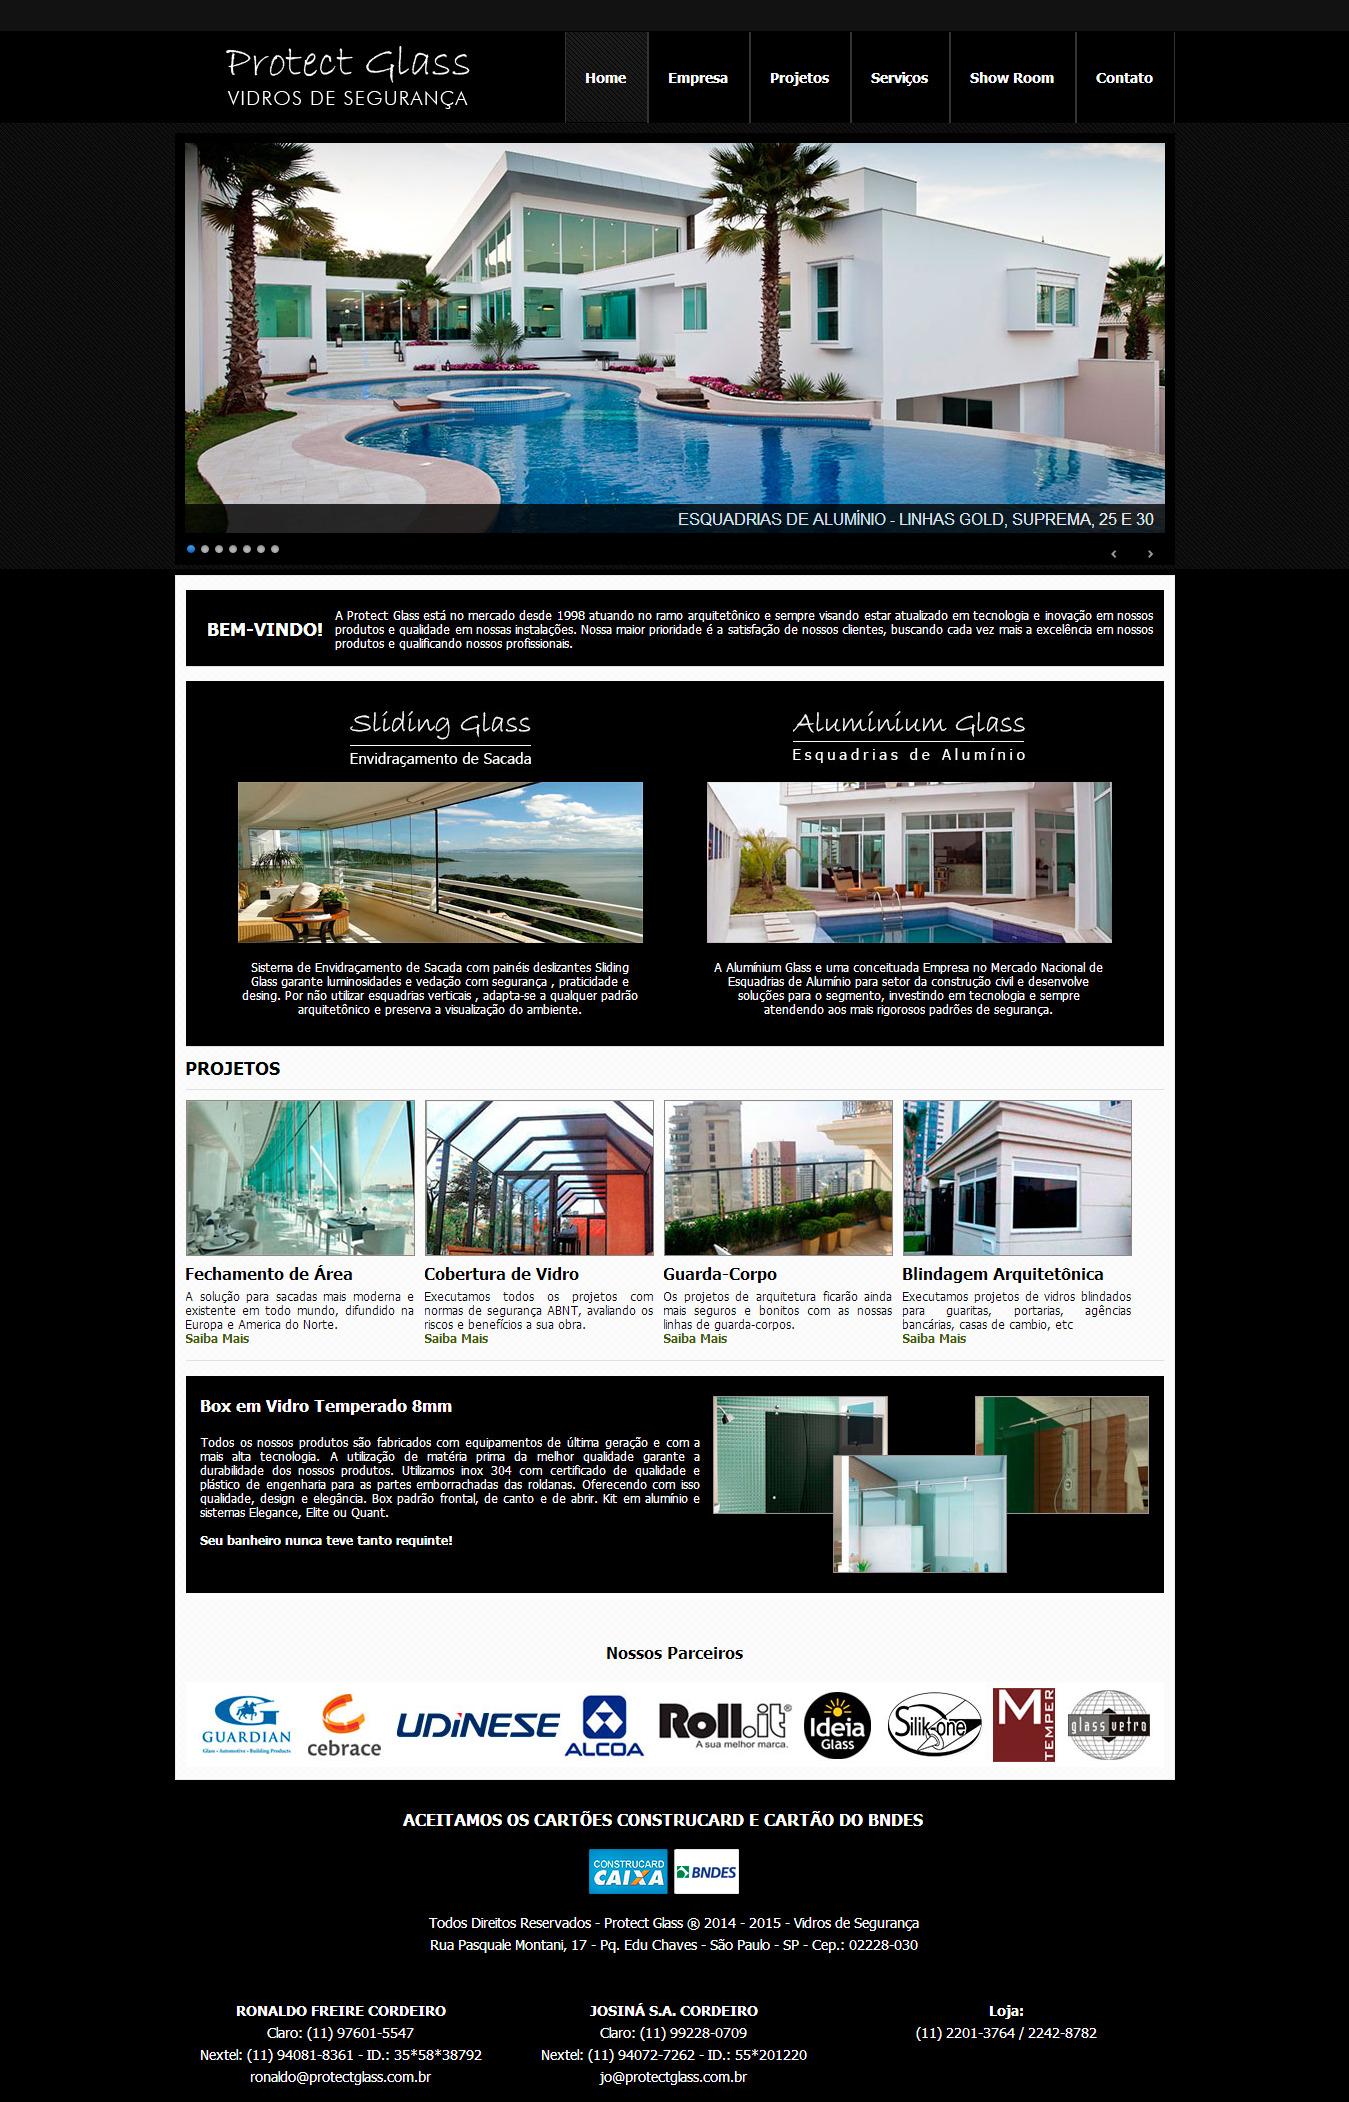 Criação de Site Protect Glass